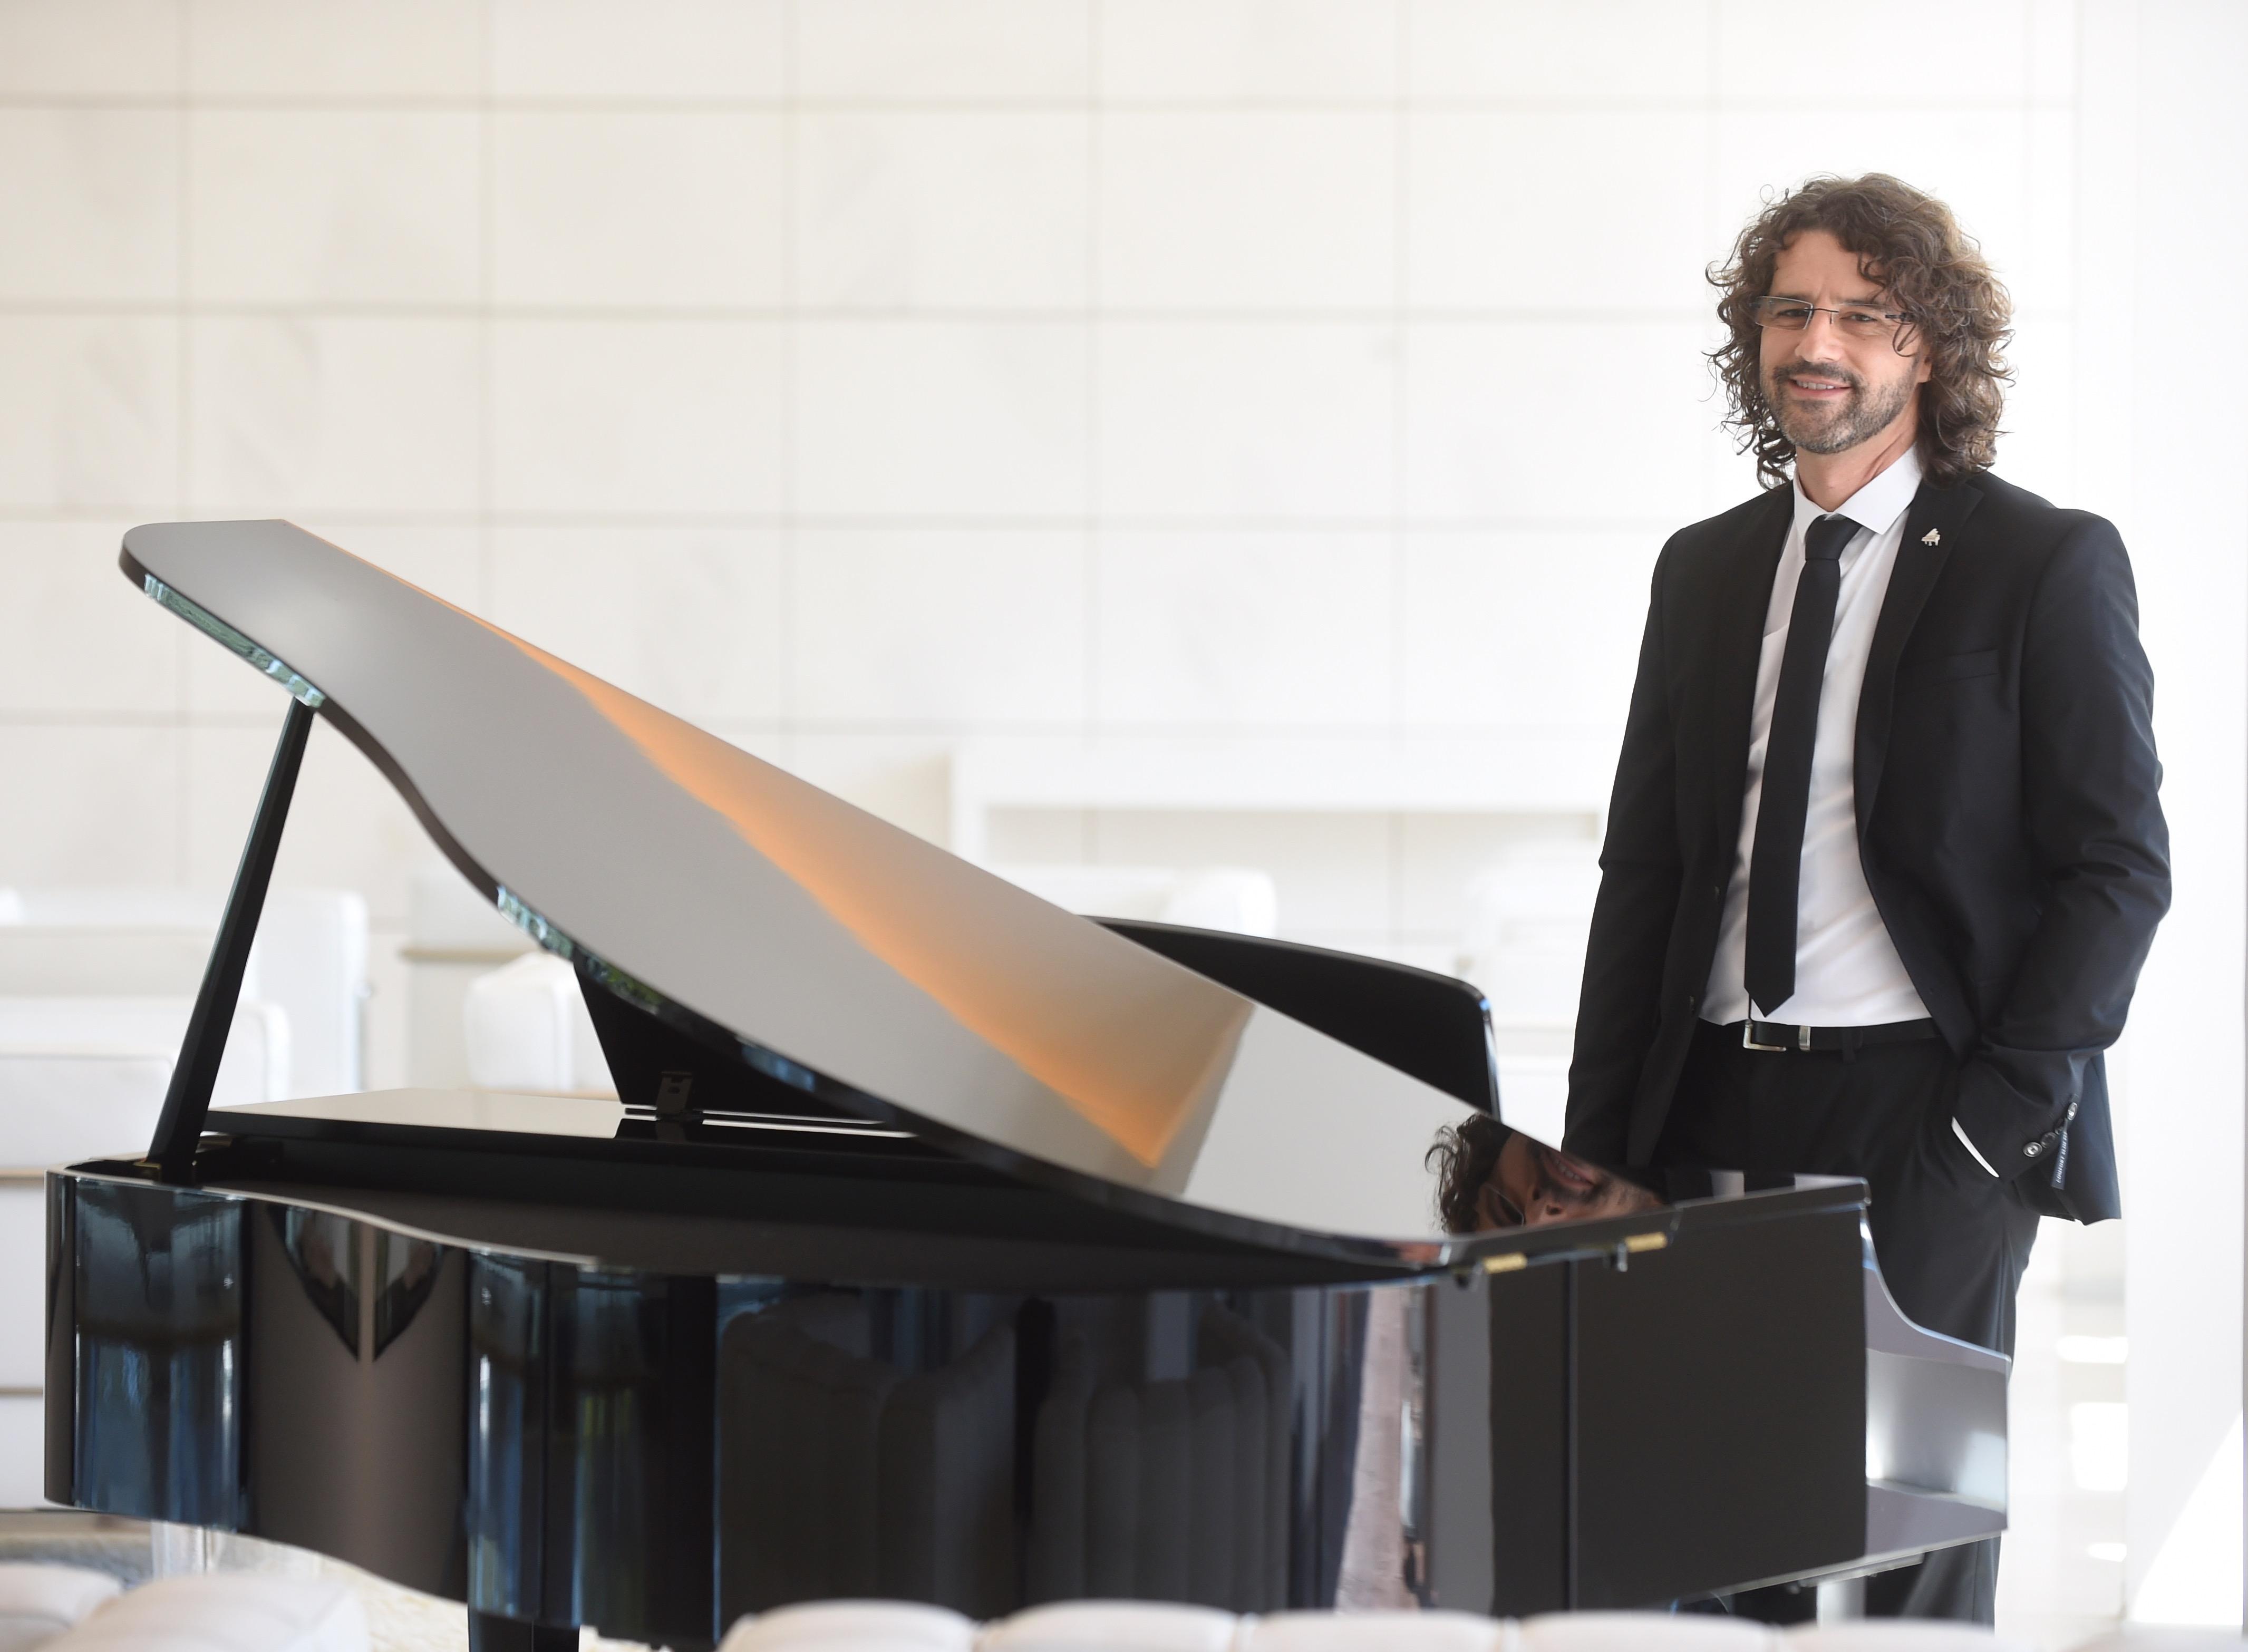 El Centre Cultural de Tàrrega commemora els seus 50 anys amb un concert del pianista lleidatà Antoni Tolmos el dissabte 26